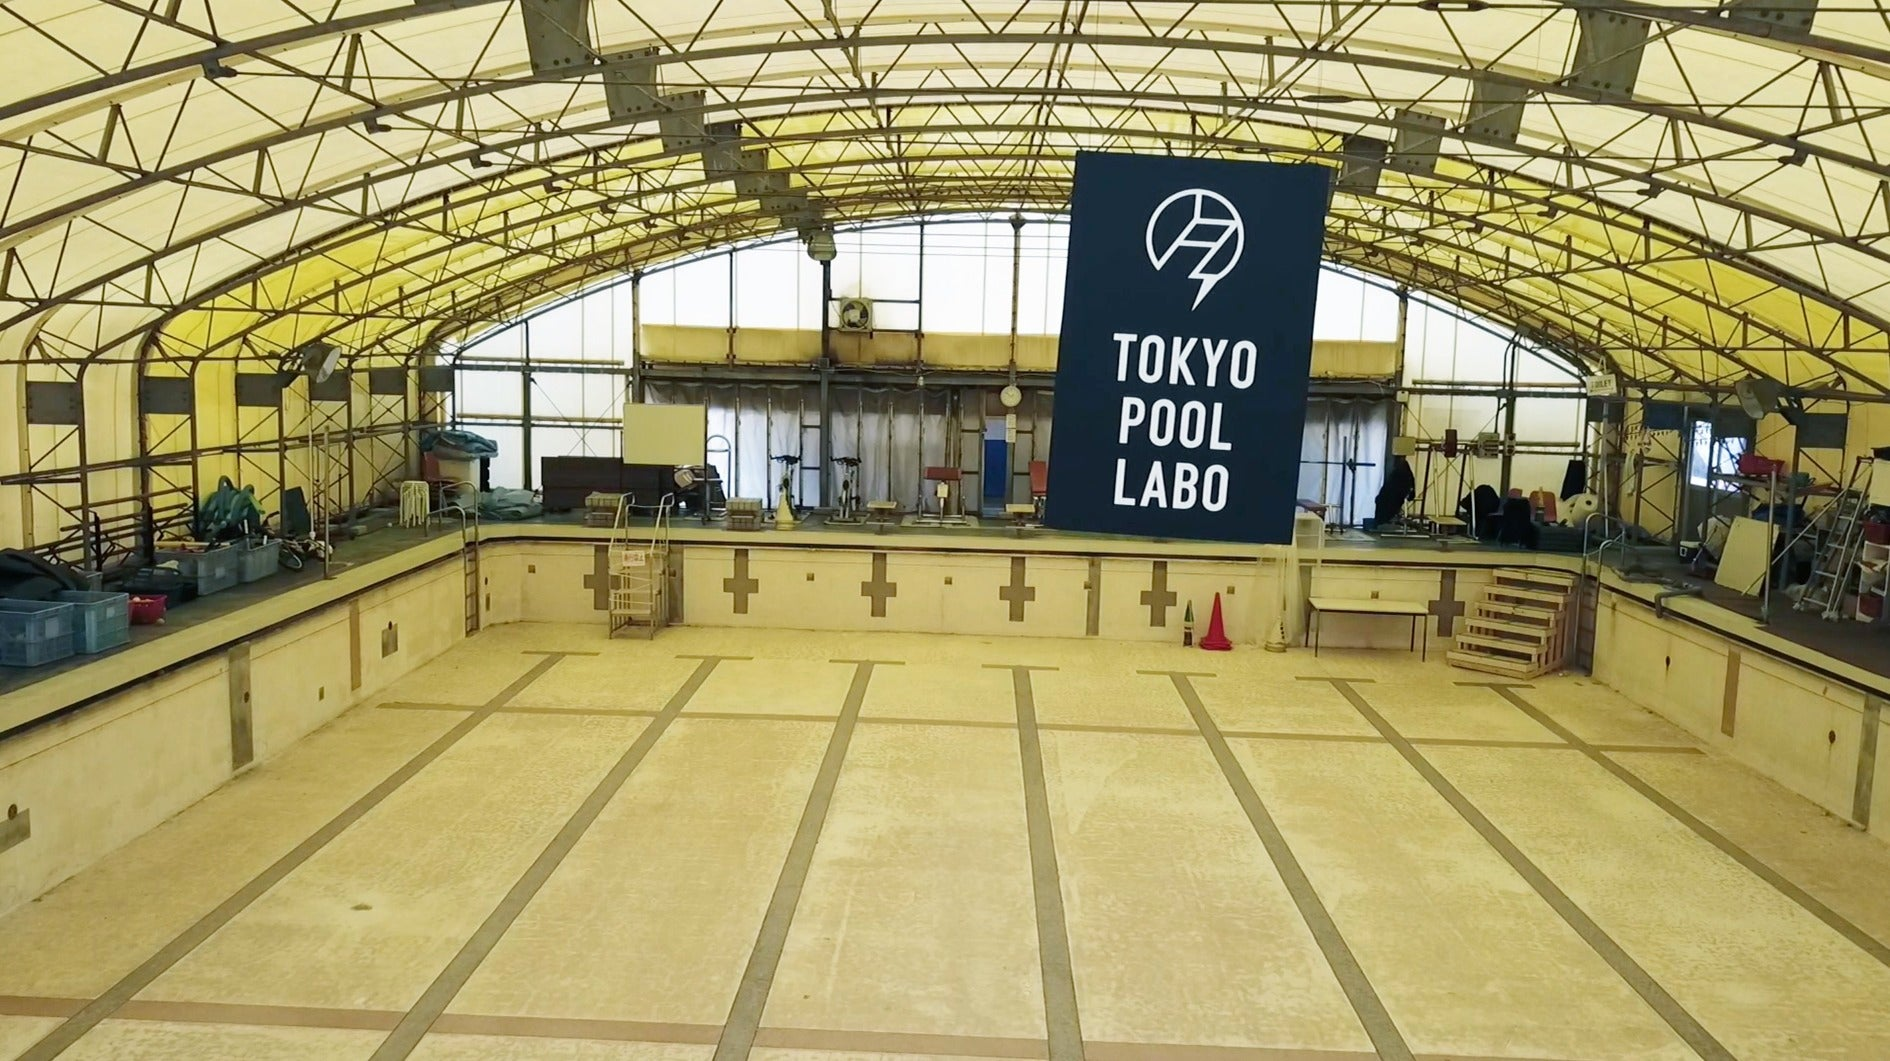 足立室内ドローン練習場@TPL(足立室内ドローン練習場@TPL) の写真0